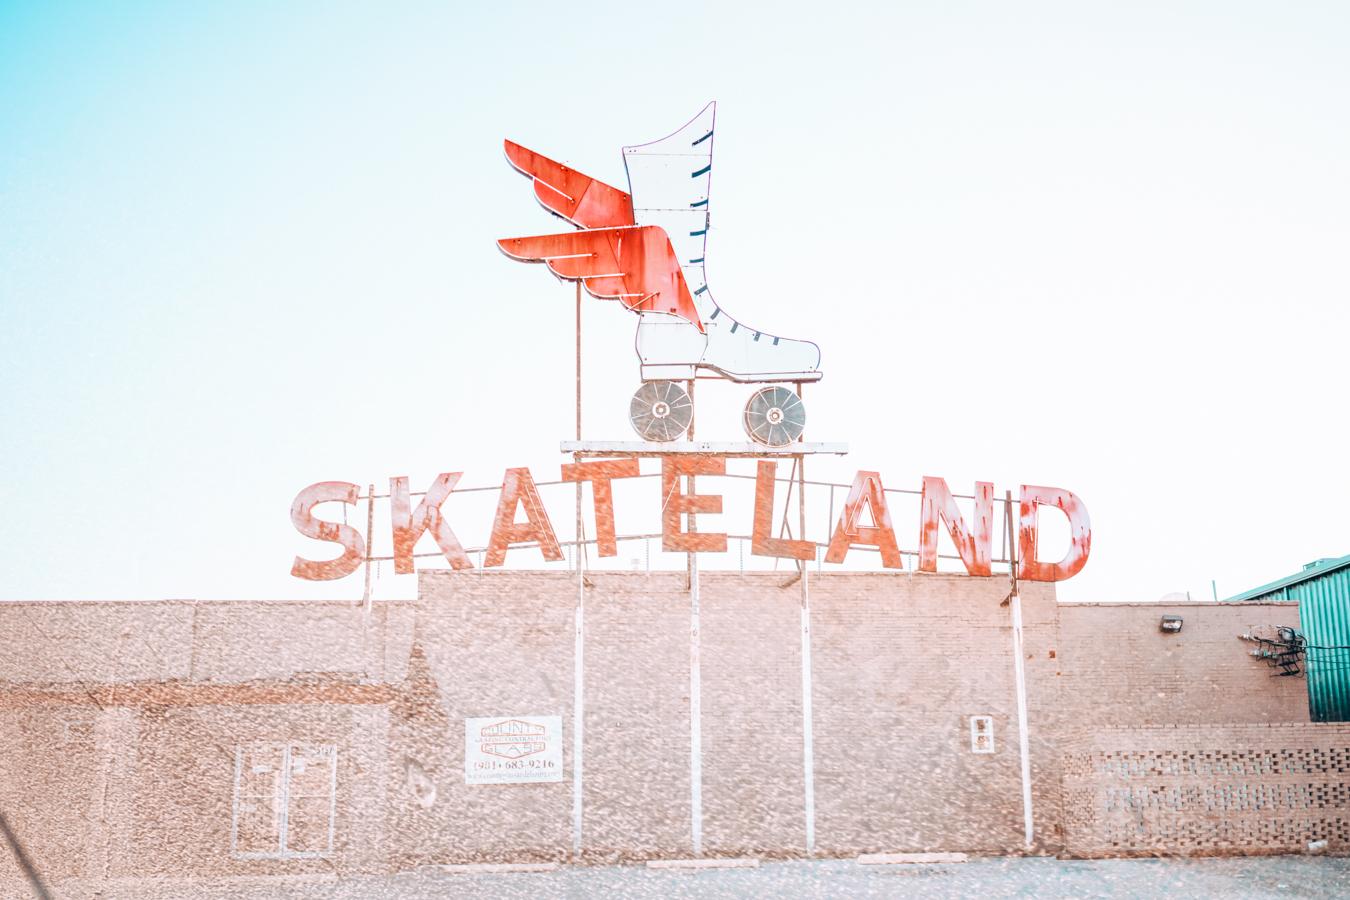 Sign of Skateland